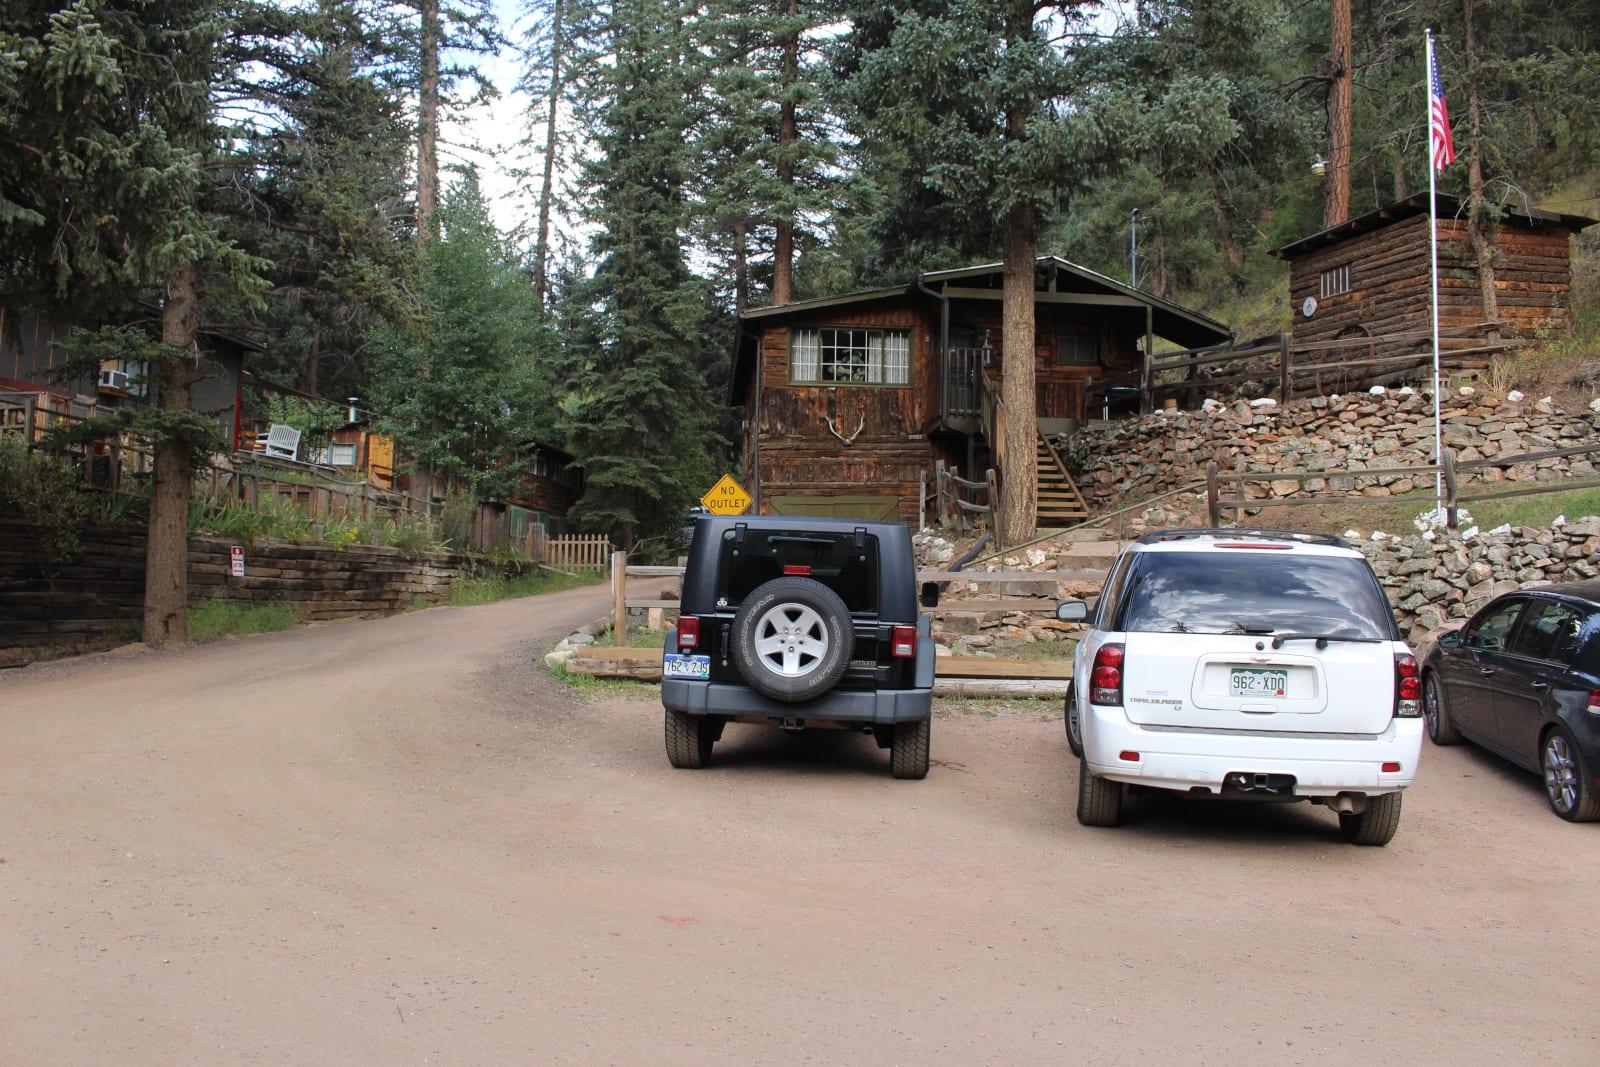 Bucksnort Saloon Sphinx Park Colorado Houses